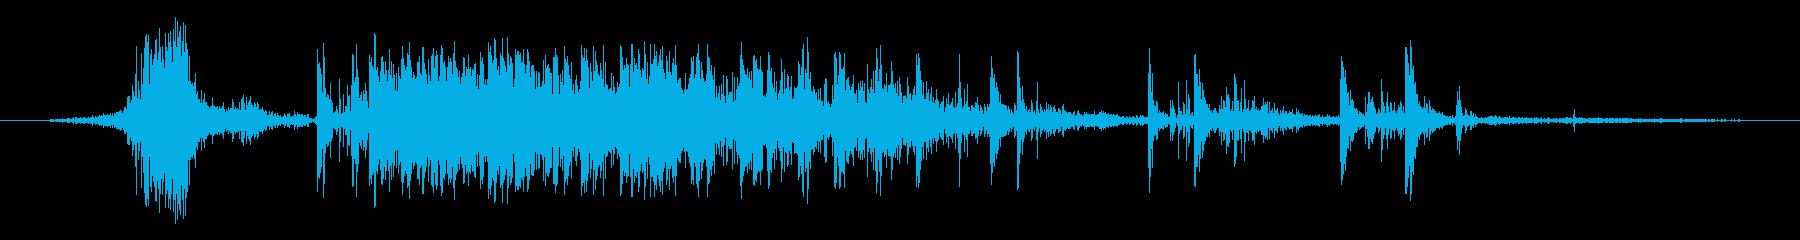 花火、爆竹1の再生済みの波形